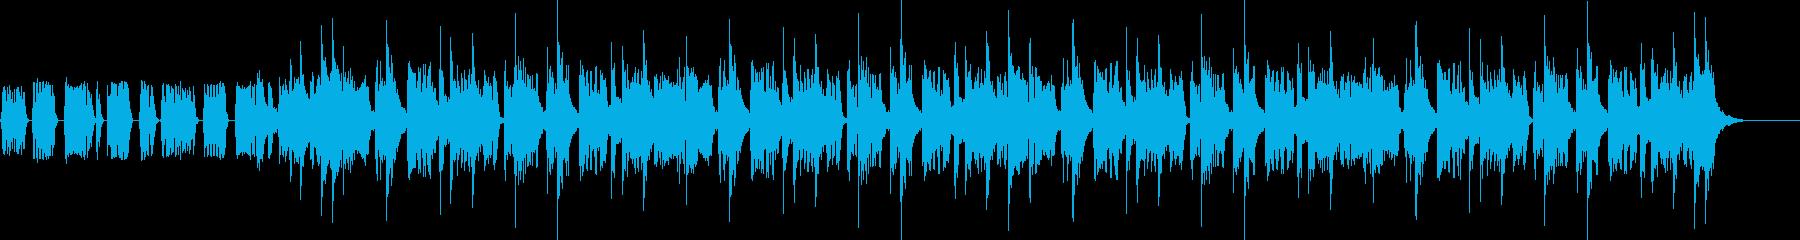 ワクワクするファンク系入場ジングルの再生済みの波形